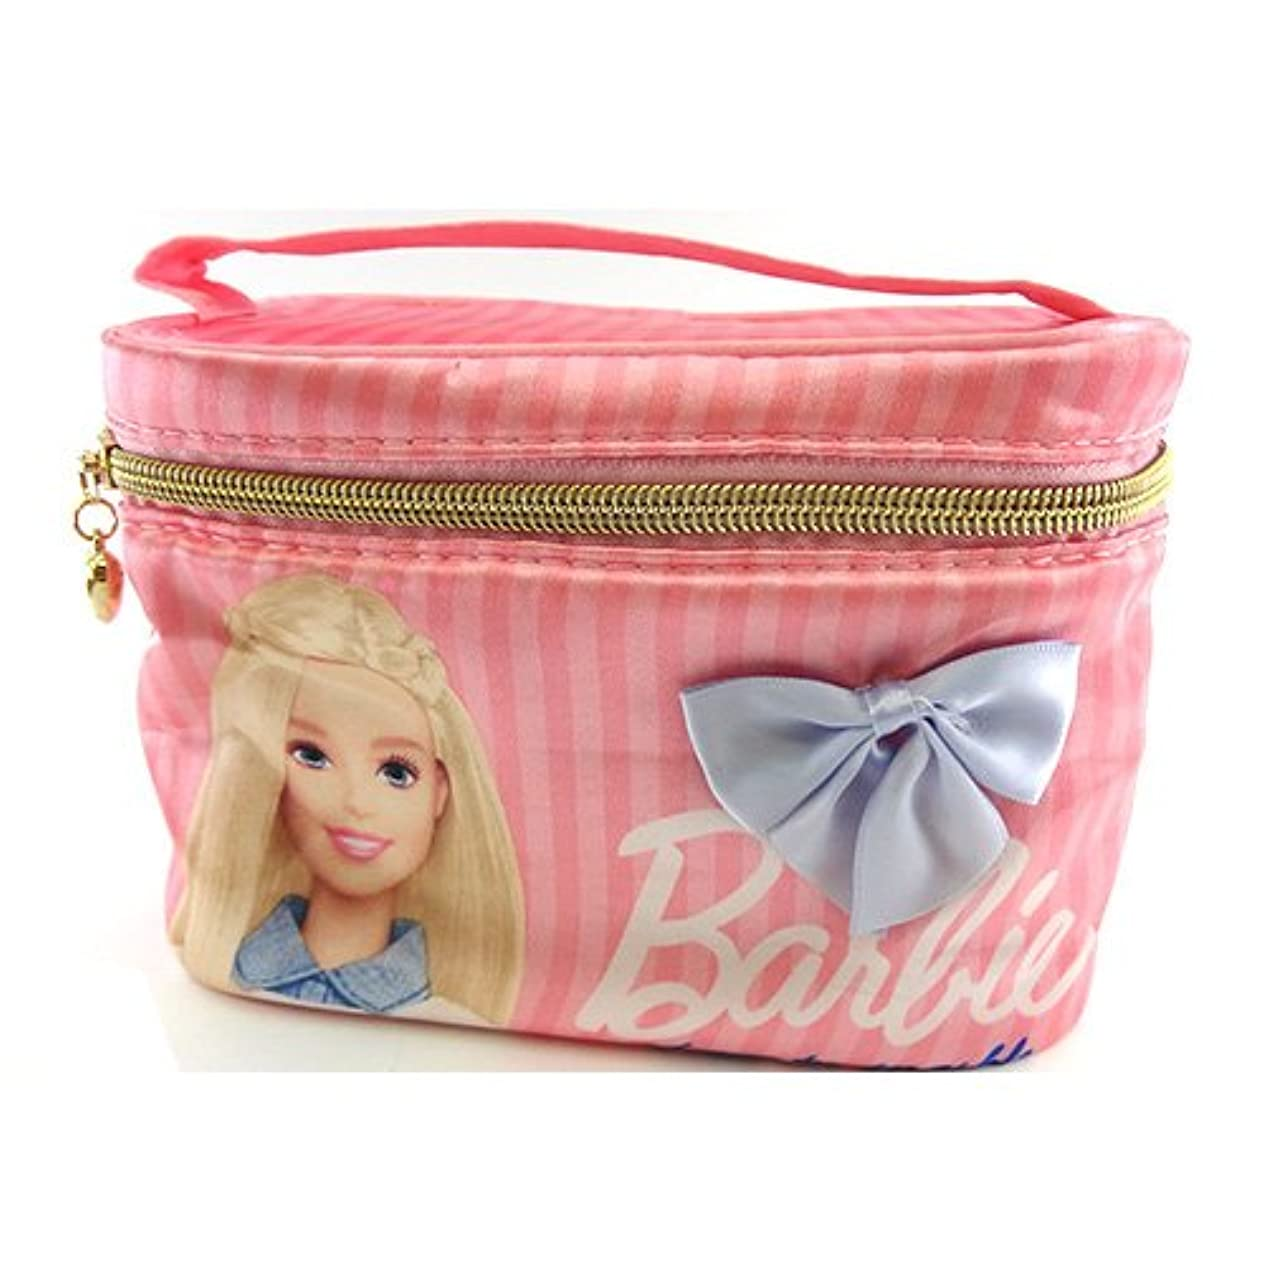 楽しませるもっと少なく多数のバービー Barbie サテン バニティポーチ ライトピンク 11665【Barbie ポーチ メイク ピンク 化粧】